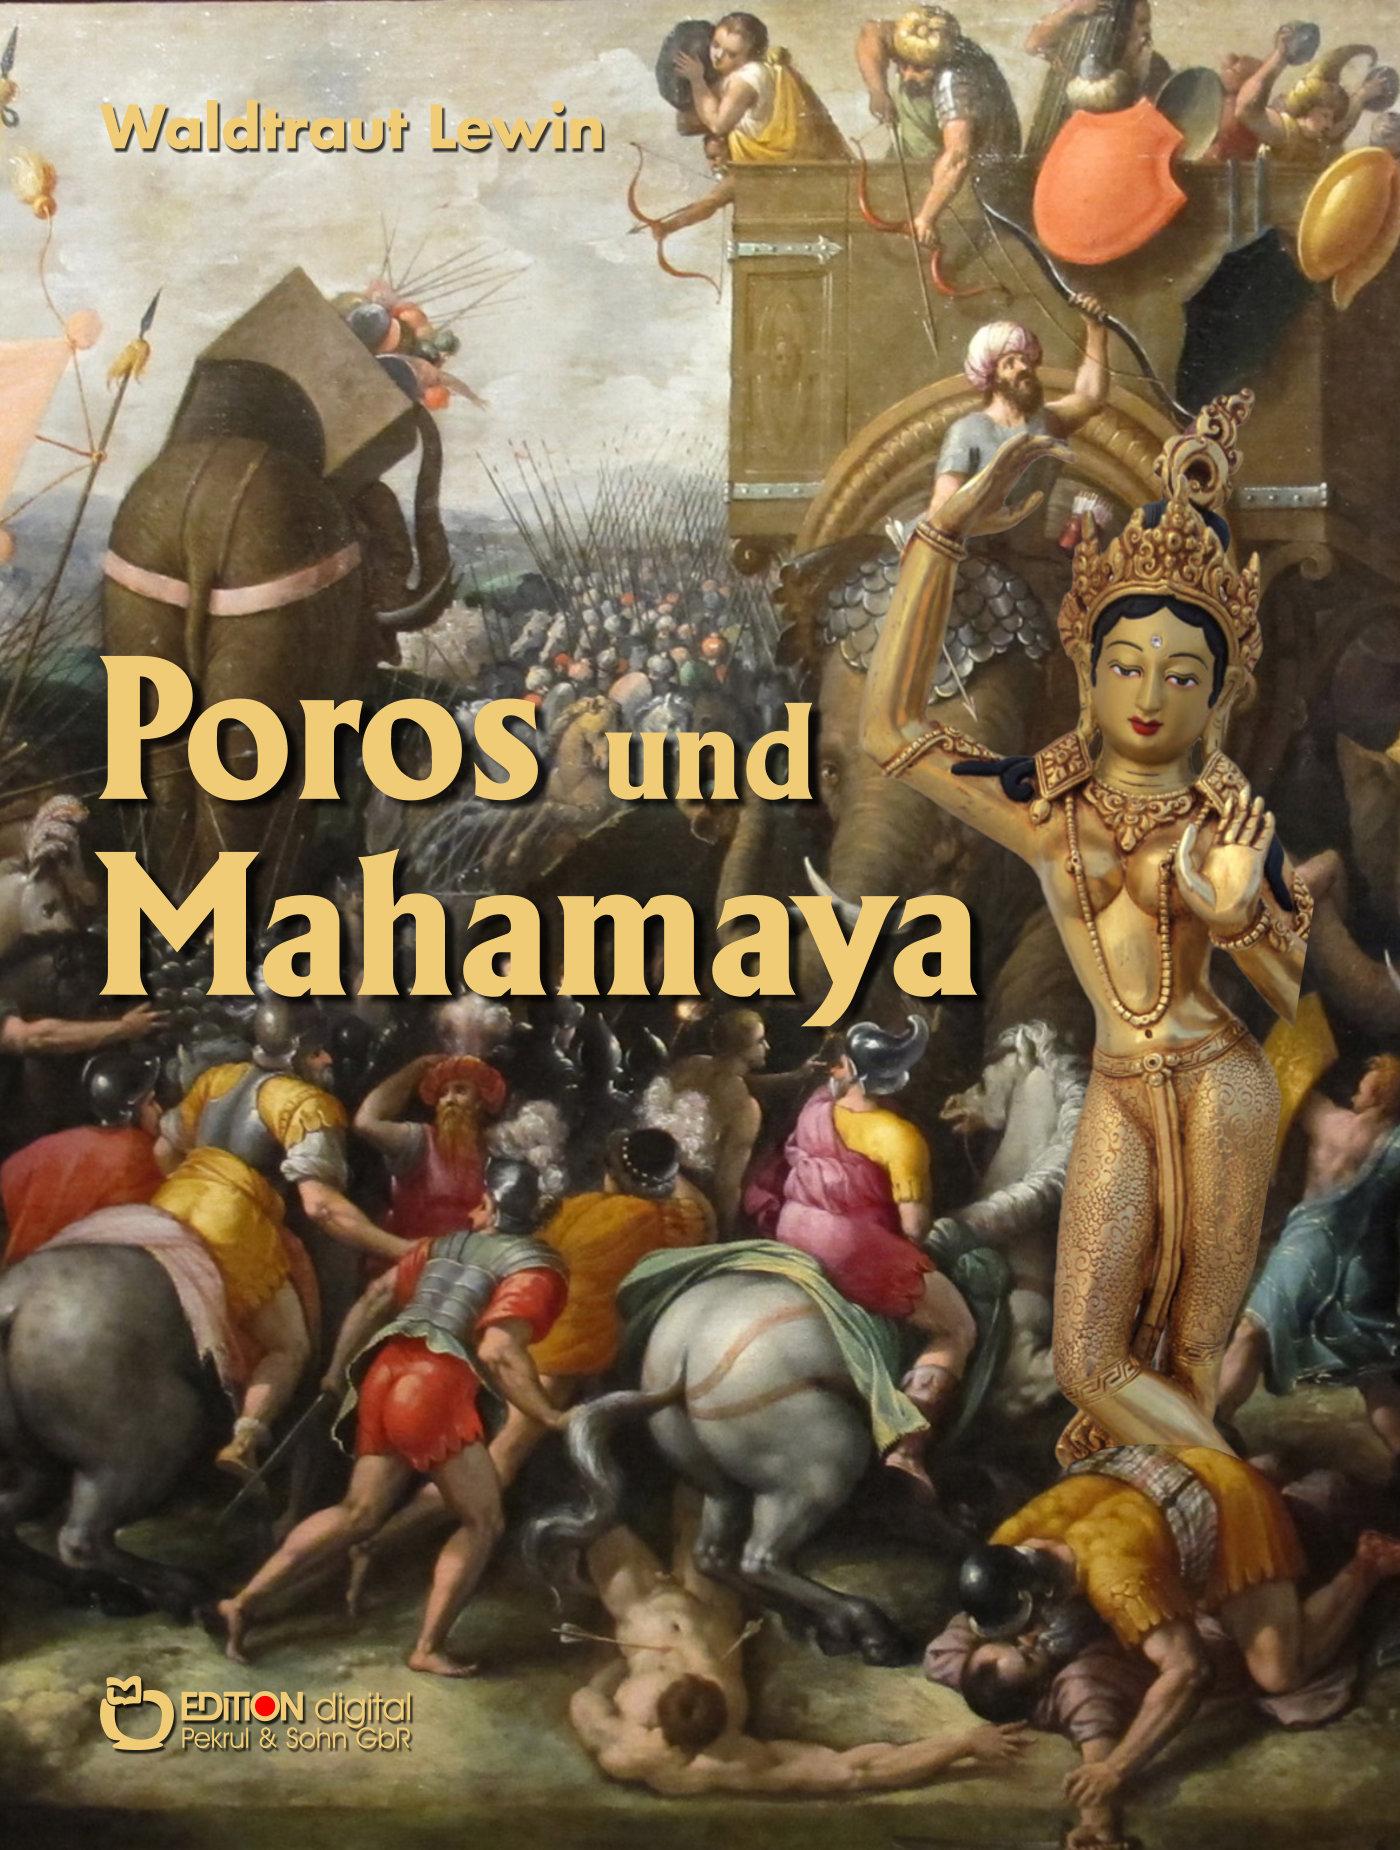 Poros und Mahamaya. Eine Geschichte aus dem alten Indien erzählt nach der Oper »Alexander in Indien« von Georg Friedrich Händel von Waldtraut Lewin